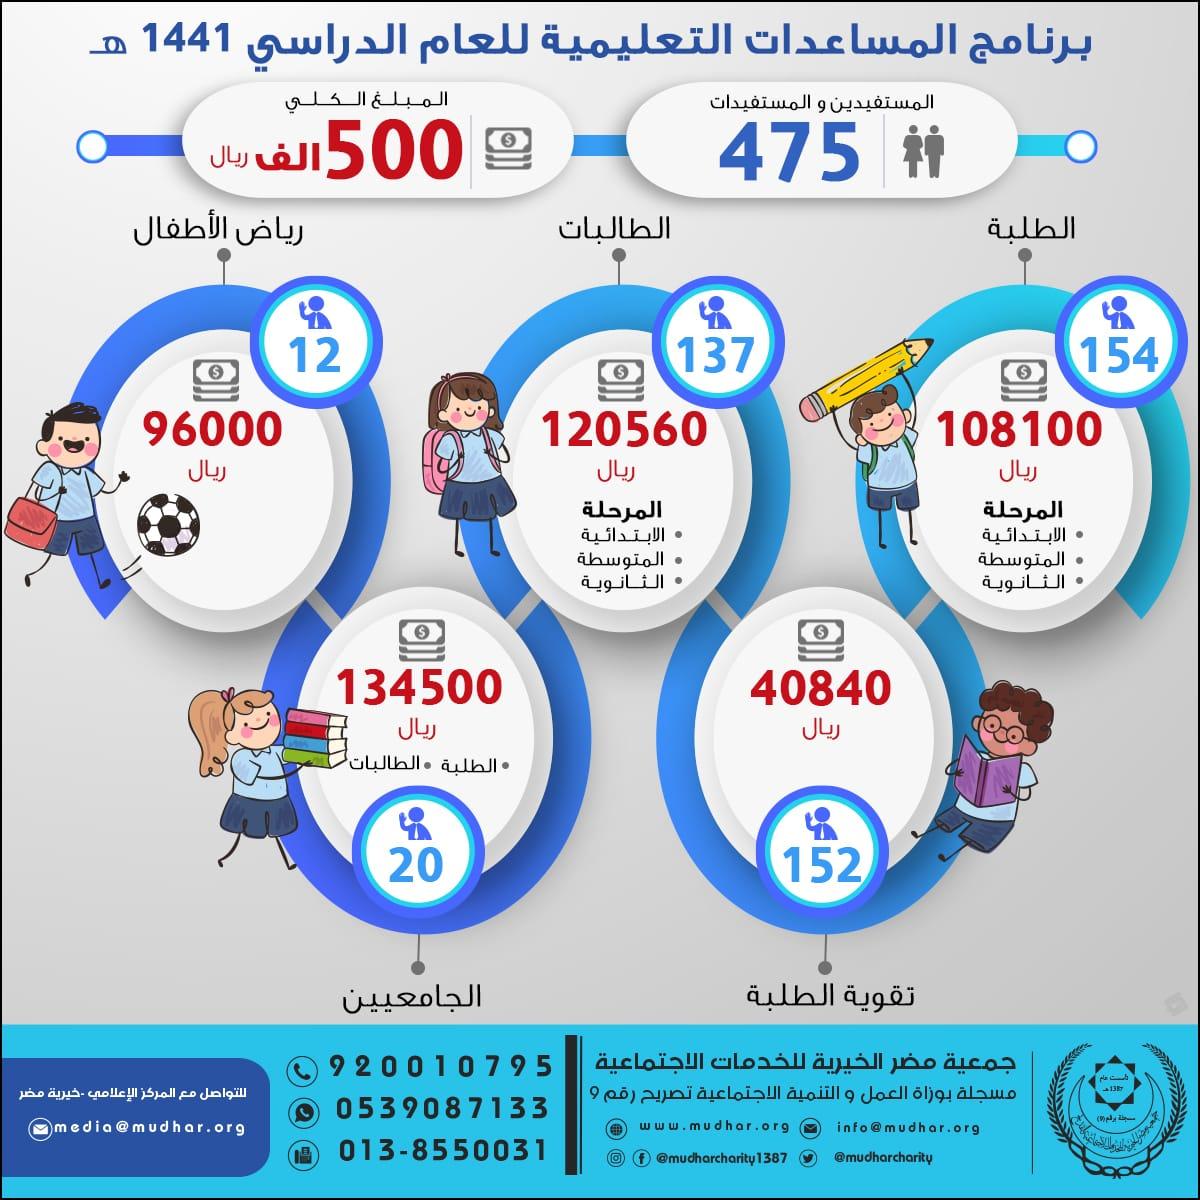 صورة 500 ألف مساعدات تعليمية بحمعية مضر للعام الدراسي 1441 هـ